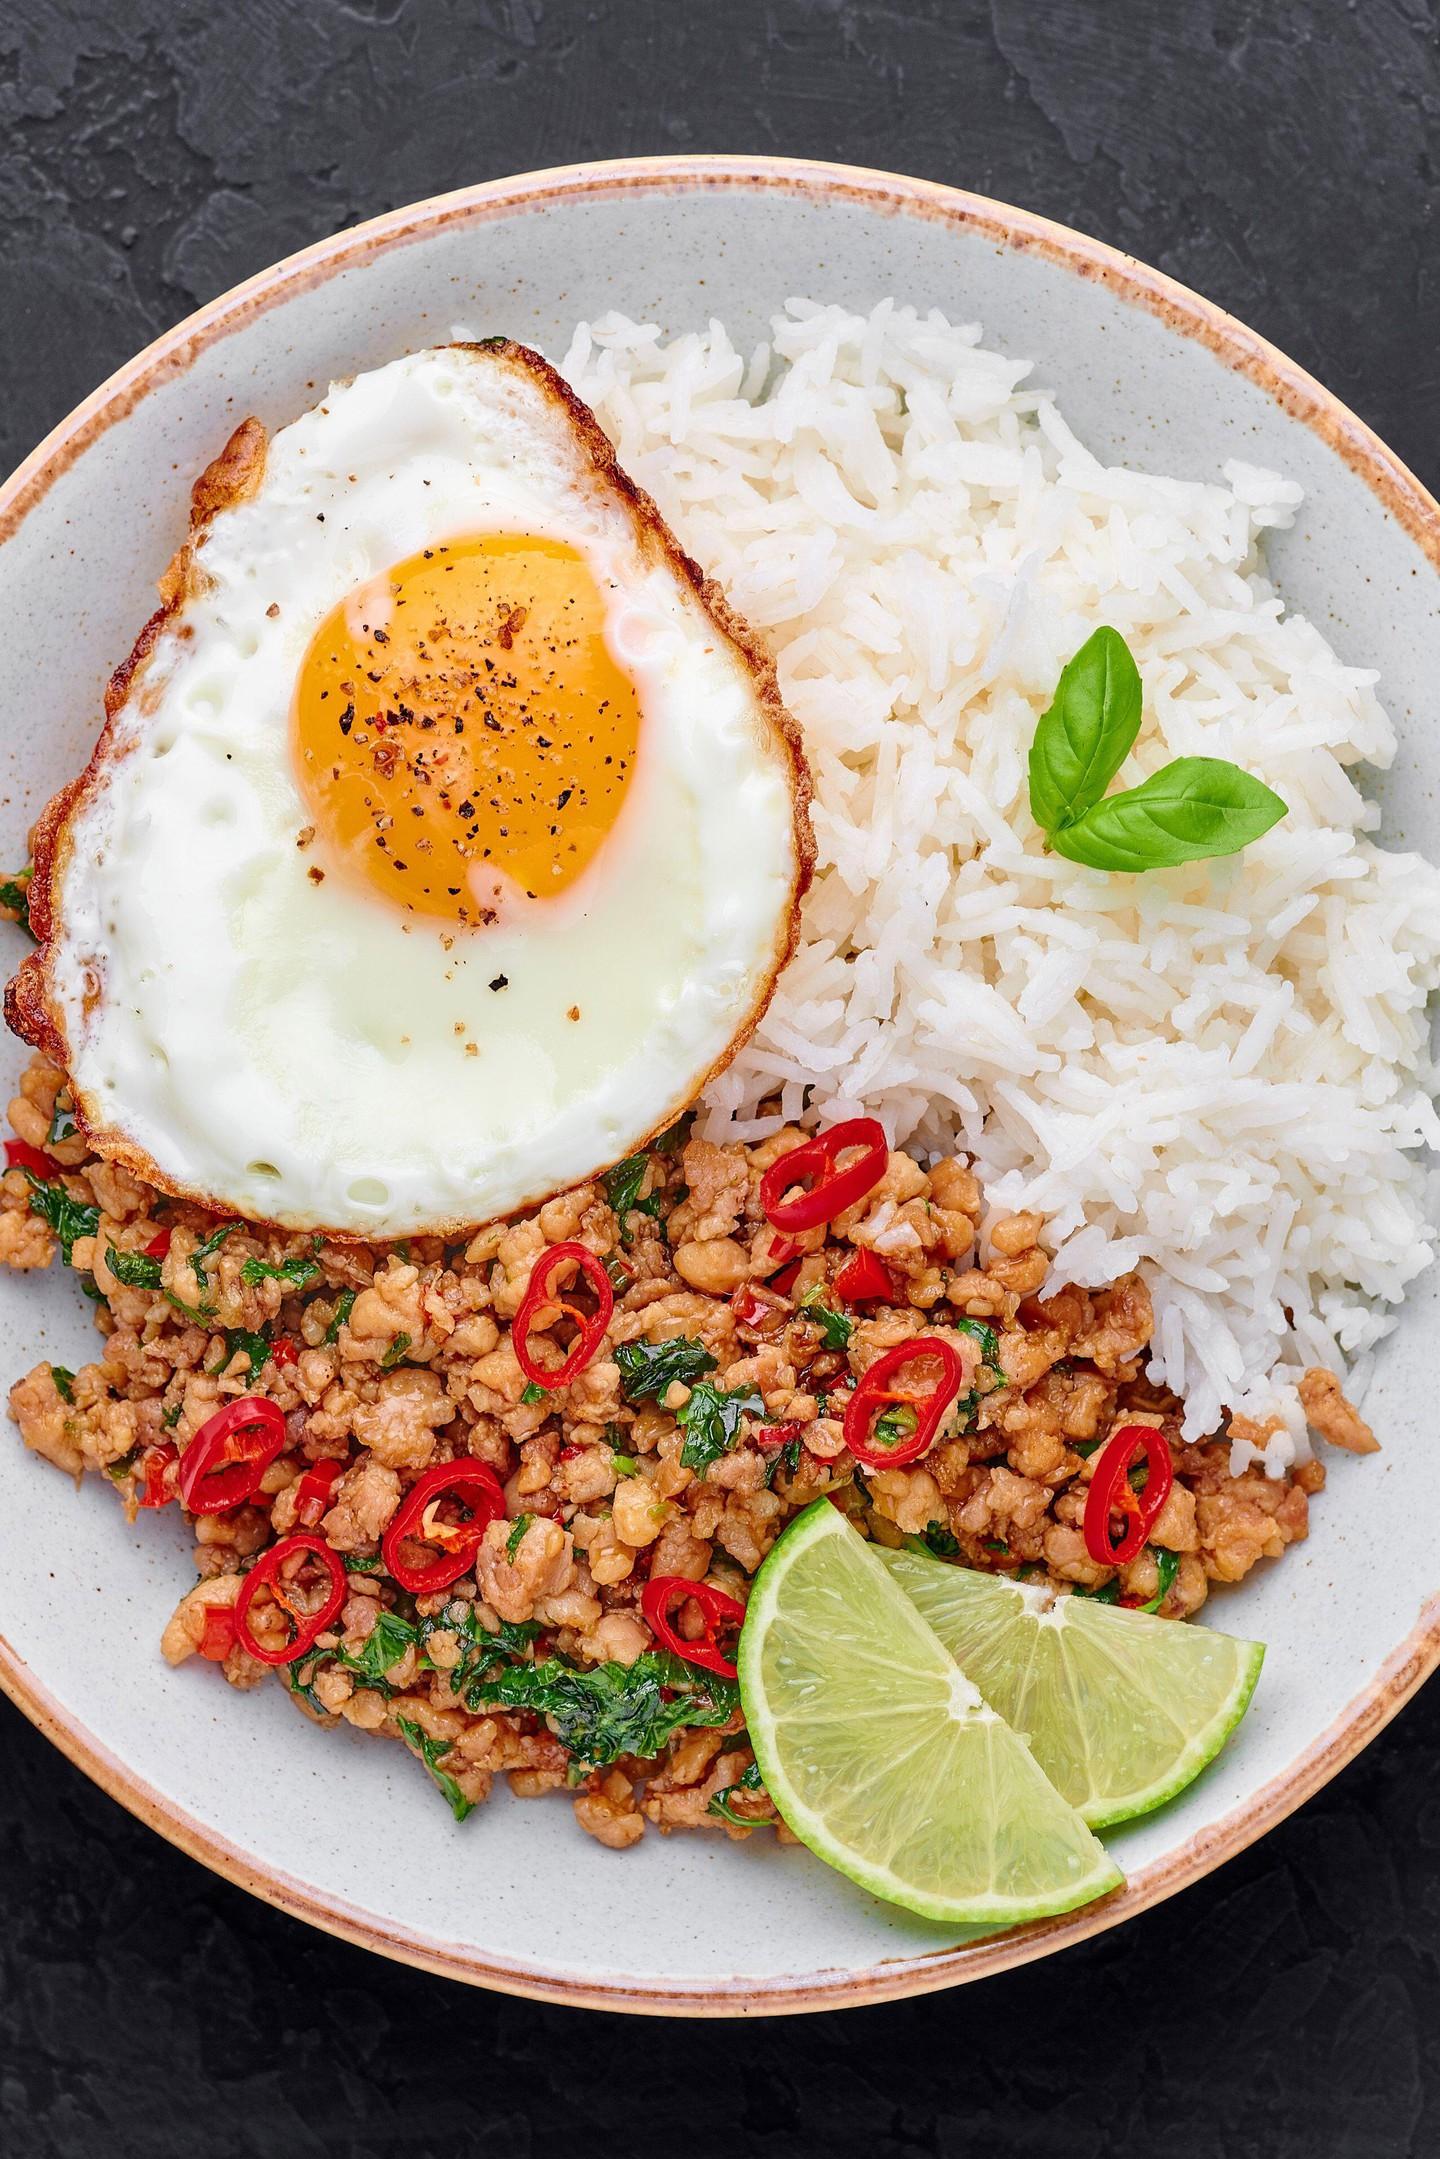 Pad Krapow Gai - Pollo a la albahaca tailandesa con arroz y huevo frito fondo de pizarra negra.  Pad Krapow es un plato de la cocina tailandesa con carne picada de pollo o cerdo,